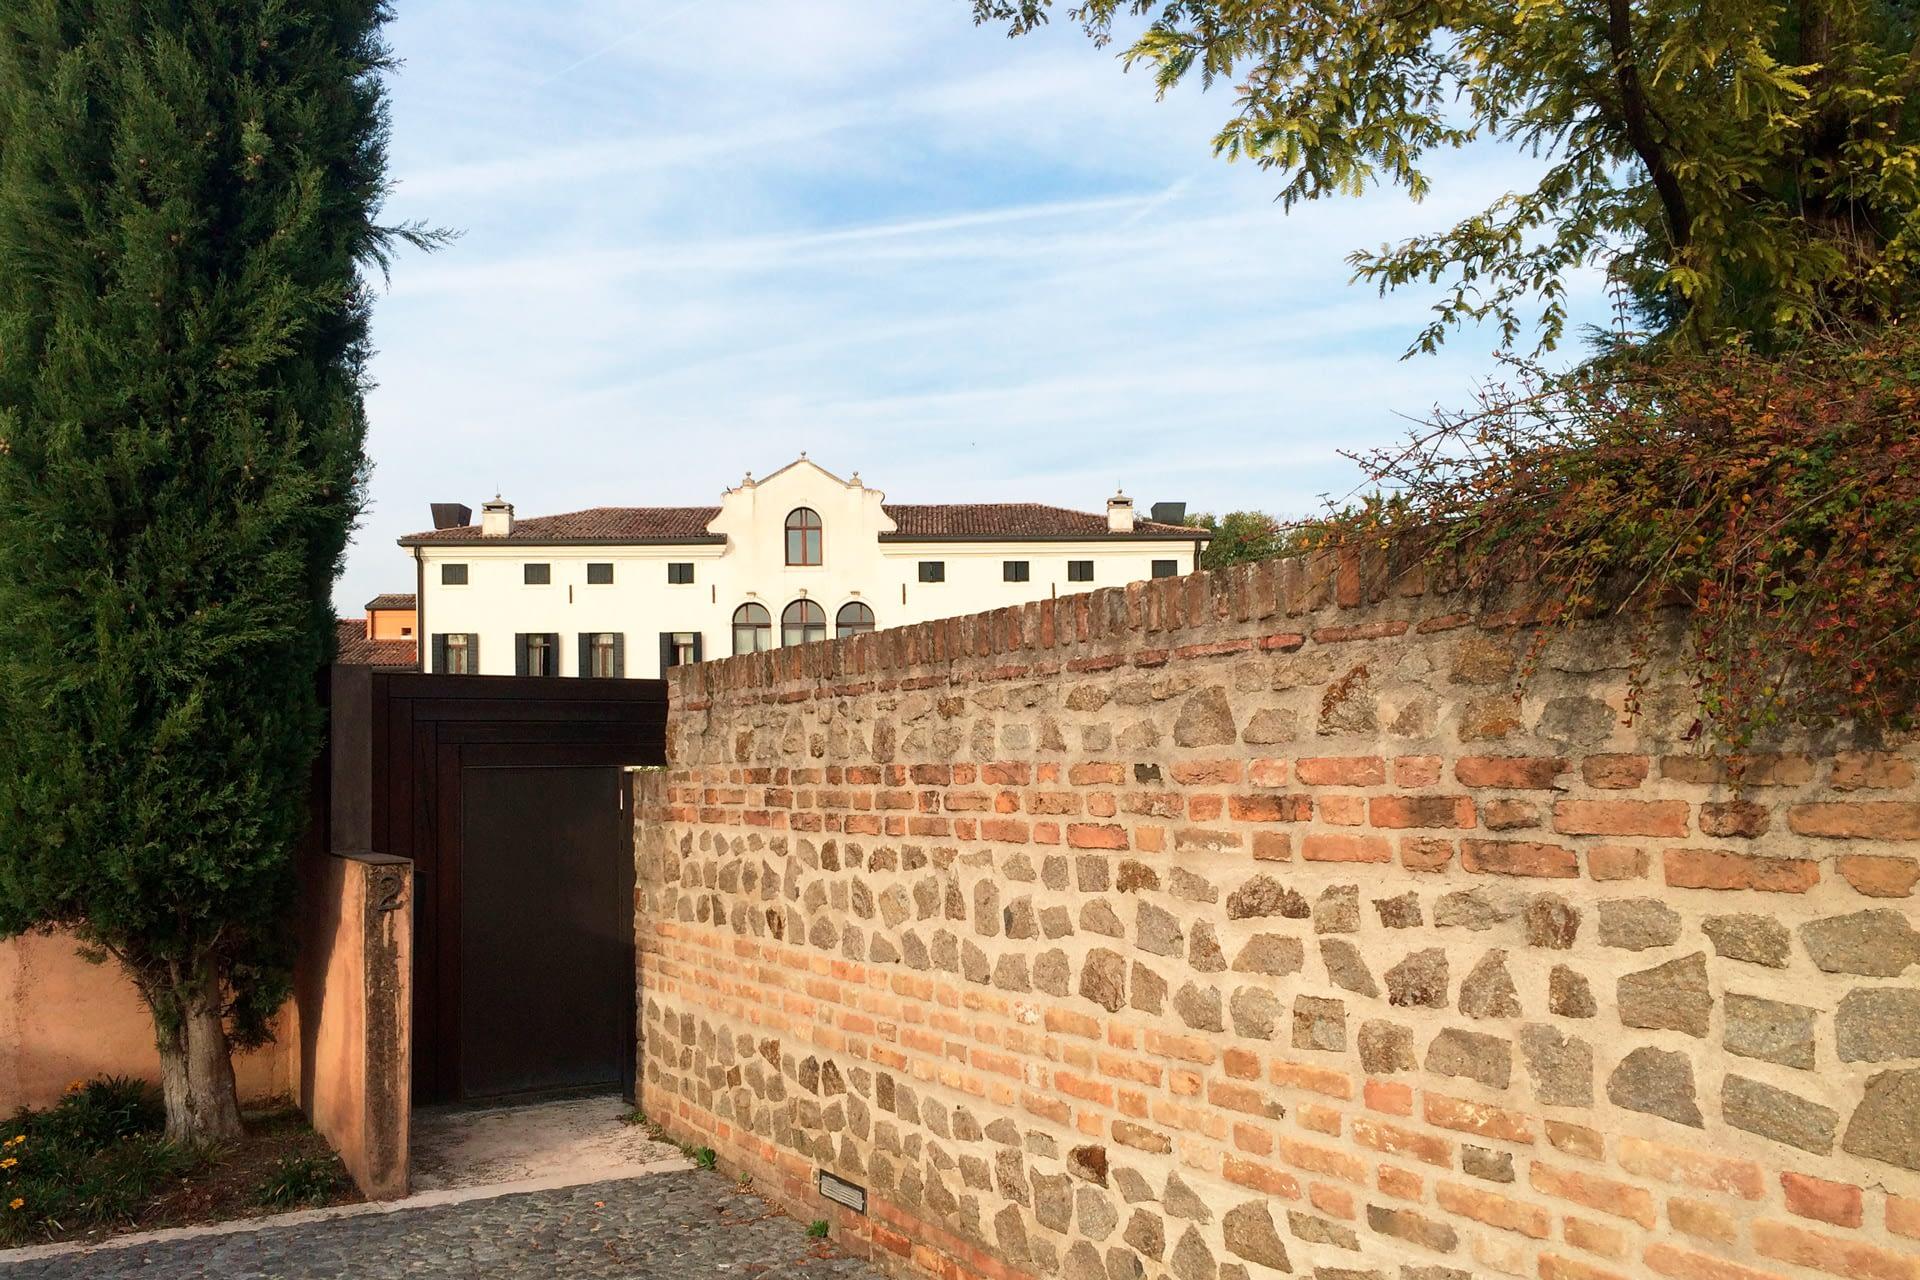 Conselve_Villa Borbone Conti Schiesari Disarò